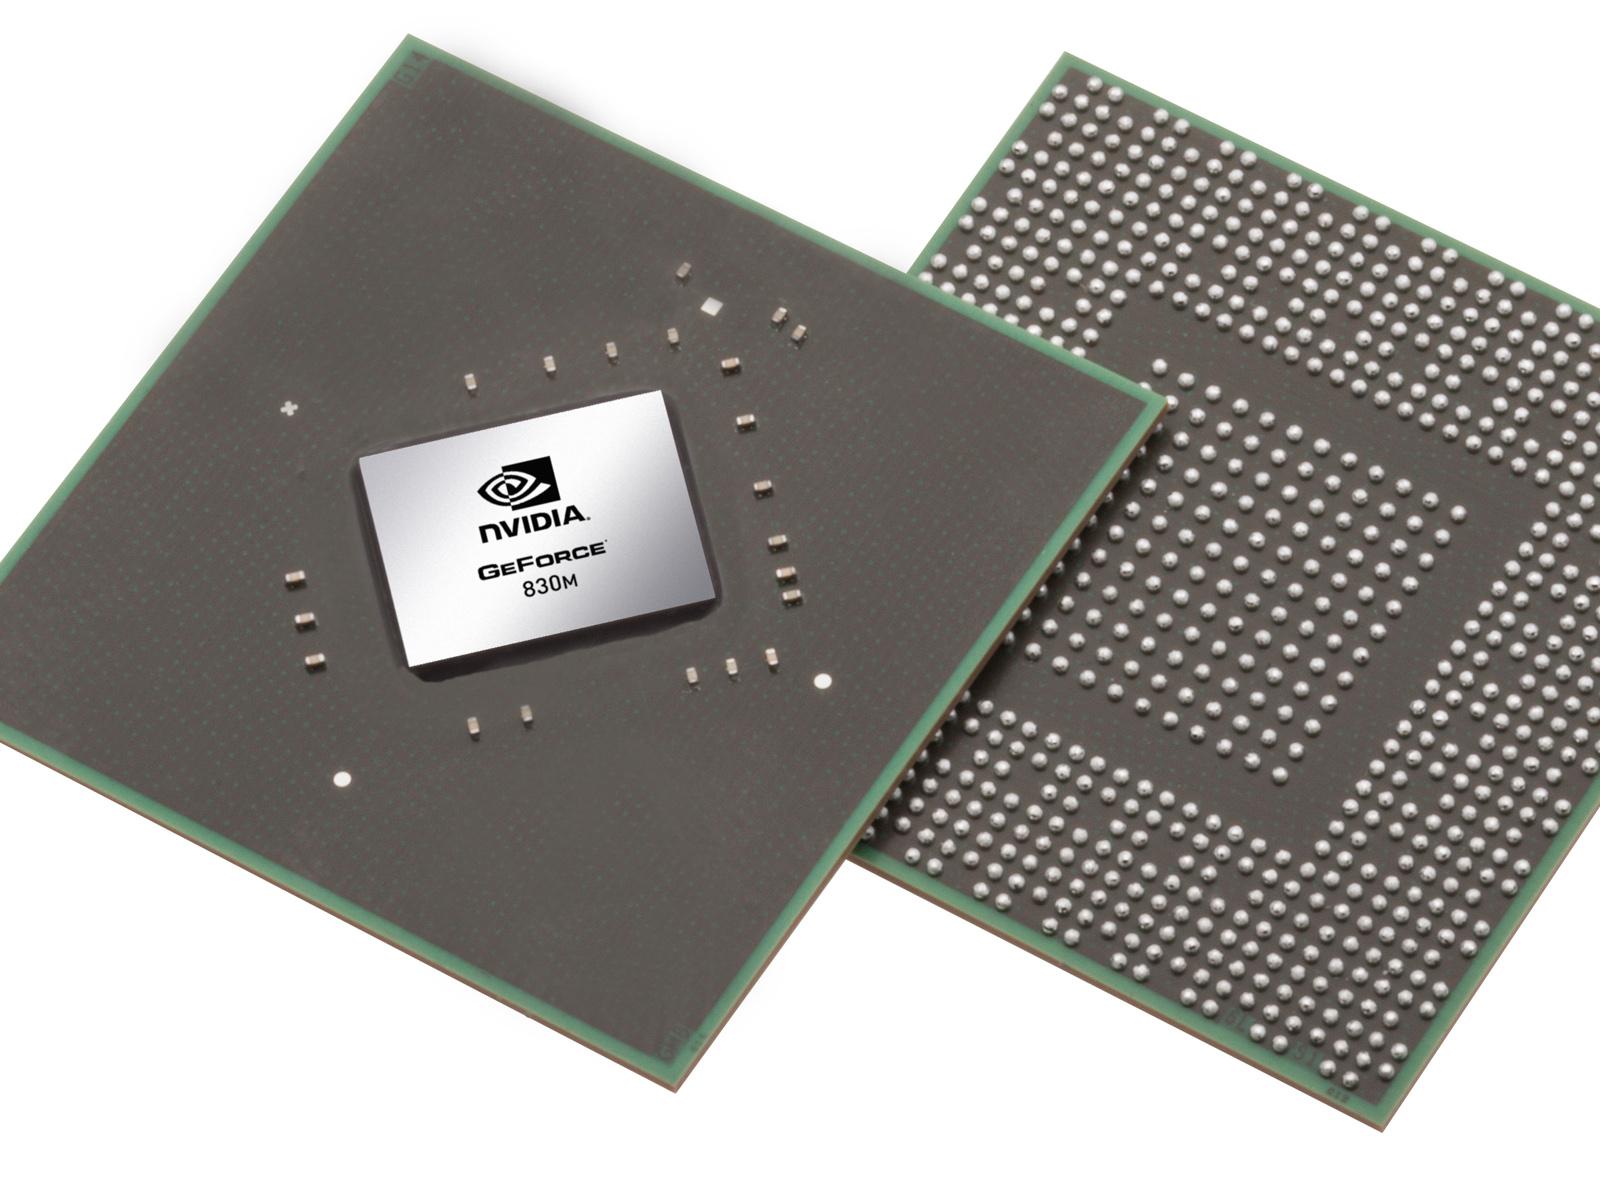 Geforce 640m скачать драйвер